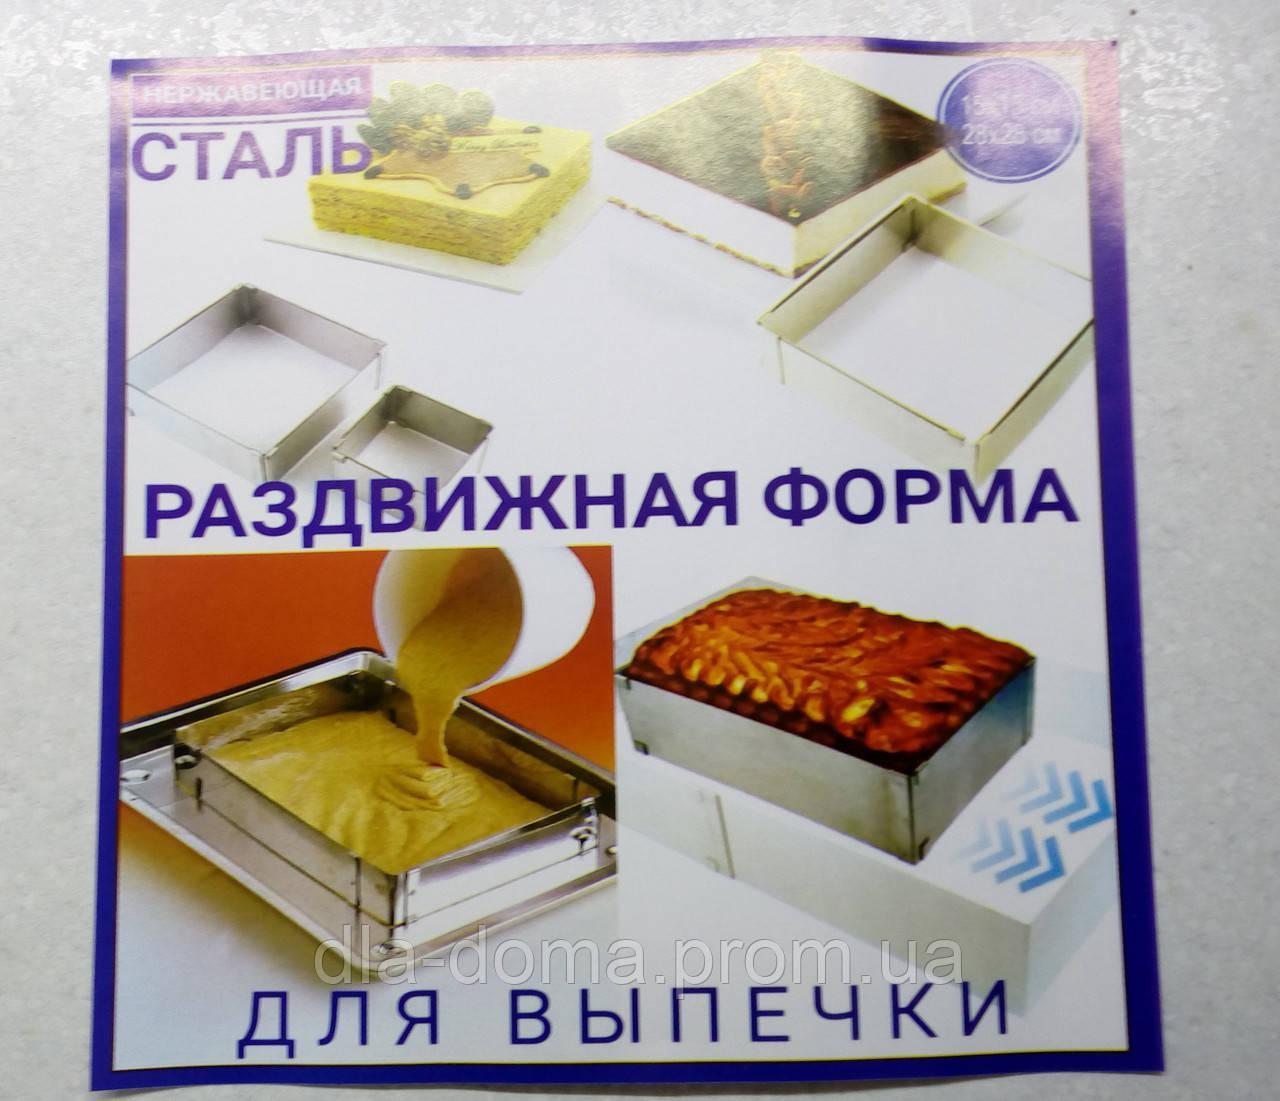 Форма  для выпекания раздвижная